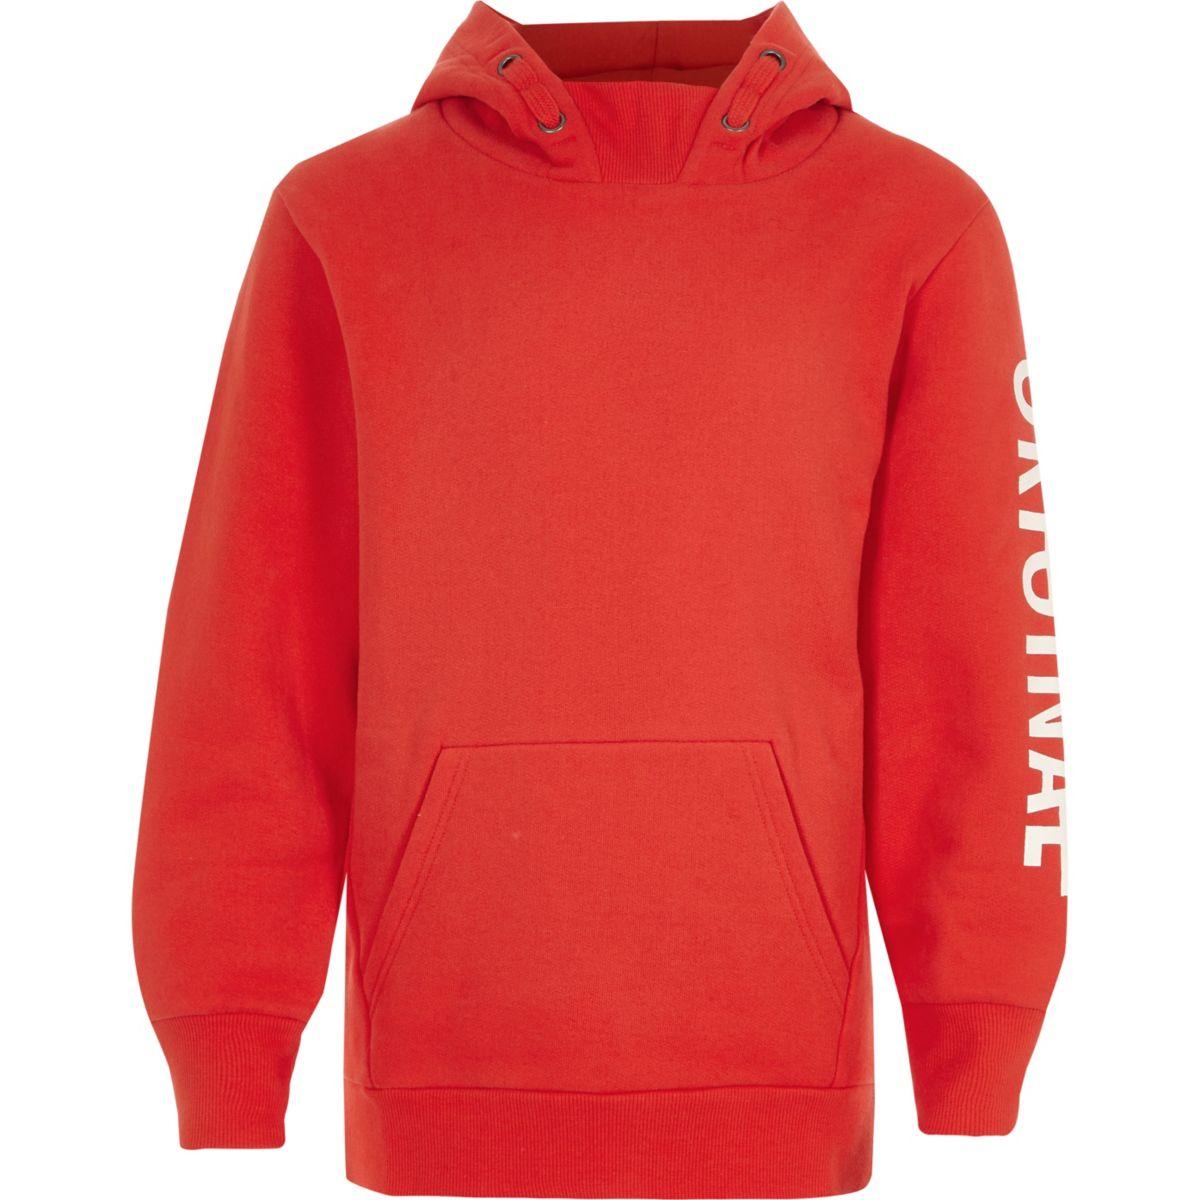 Boys hoodies on sale